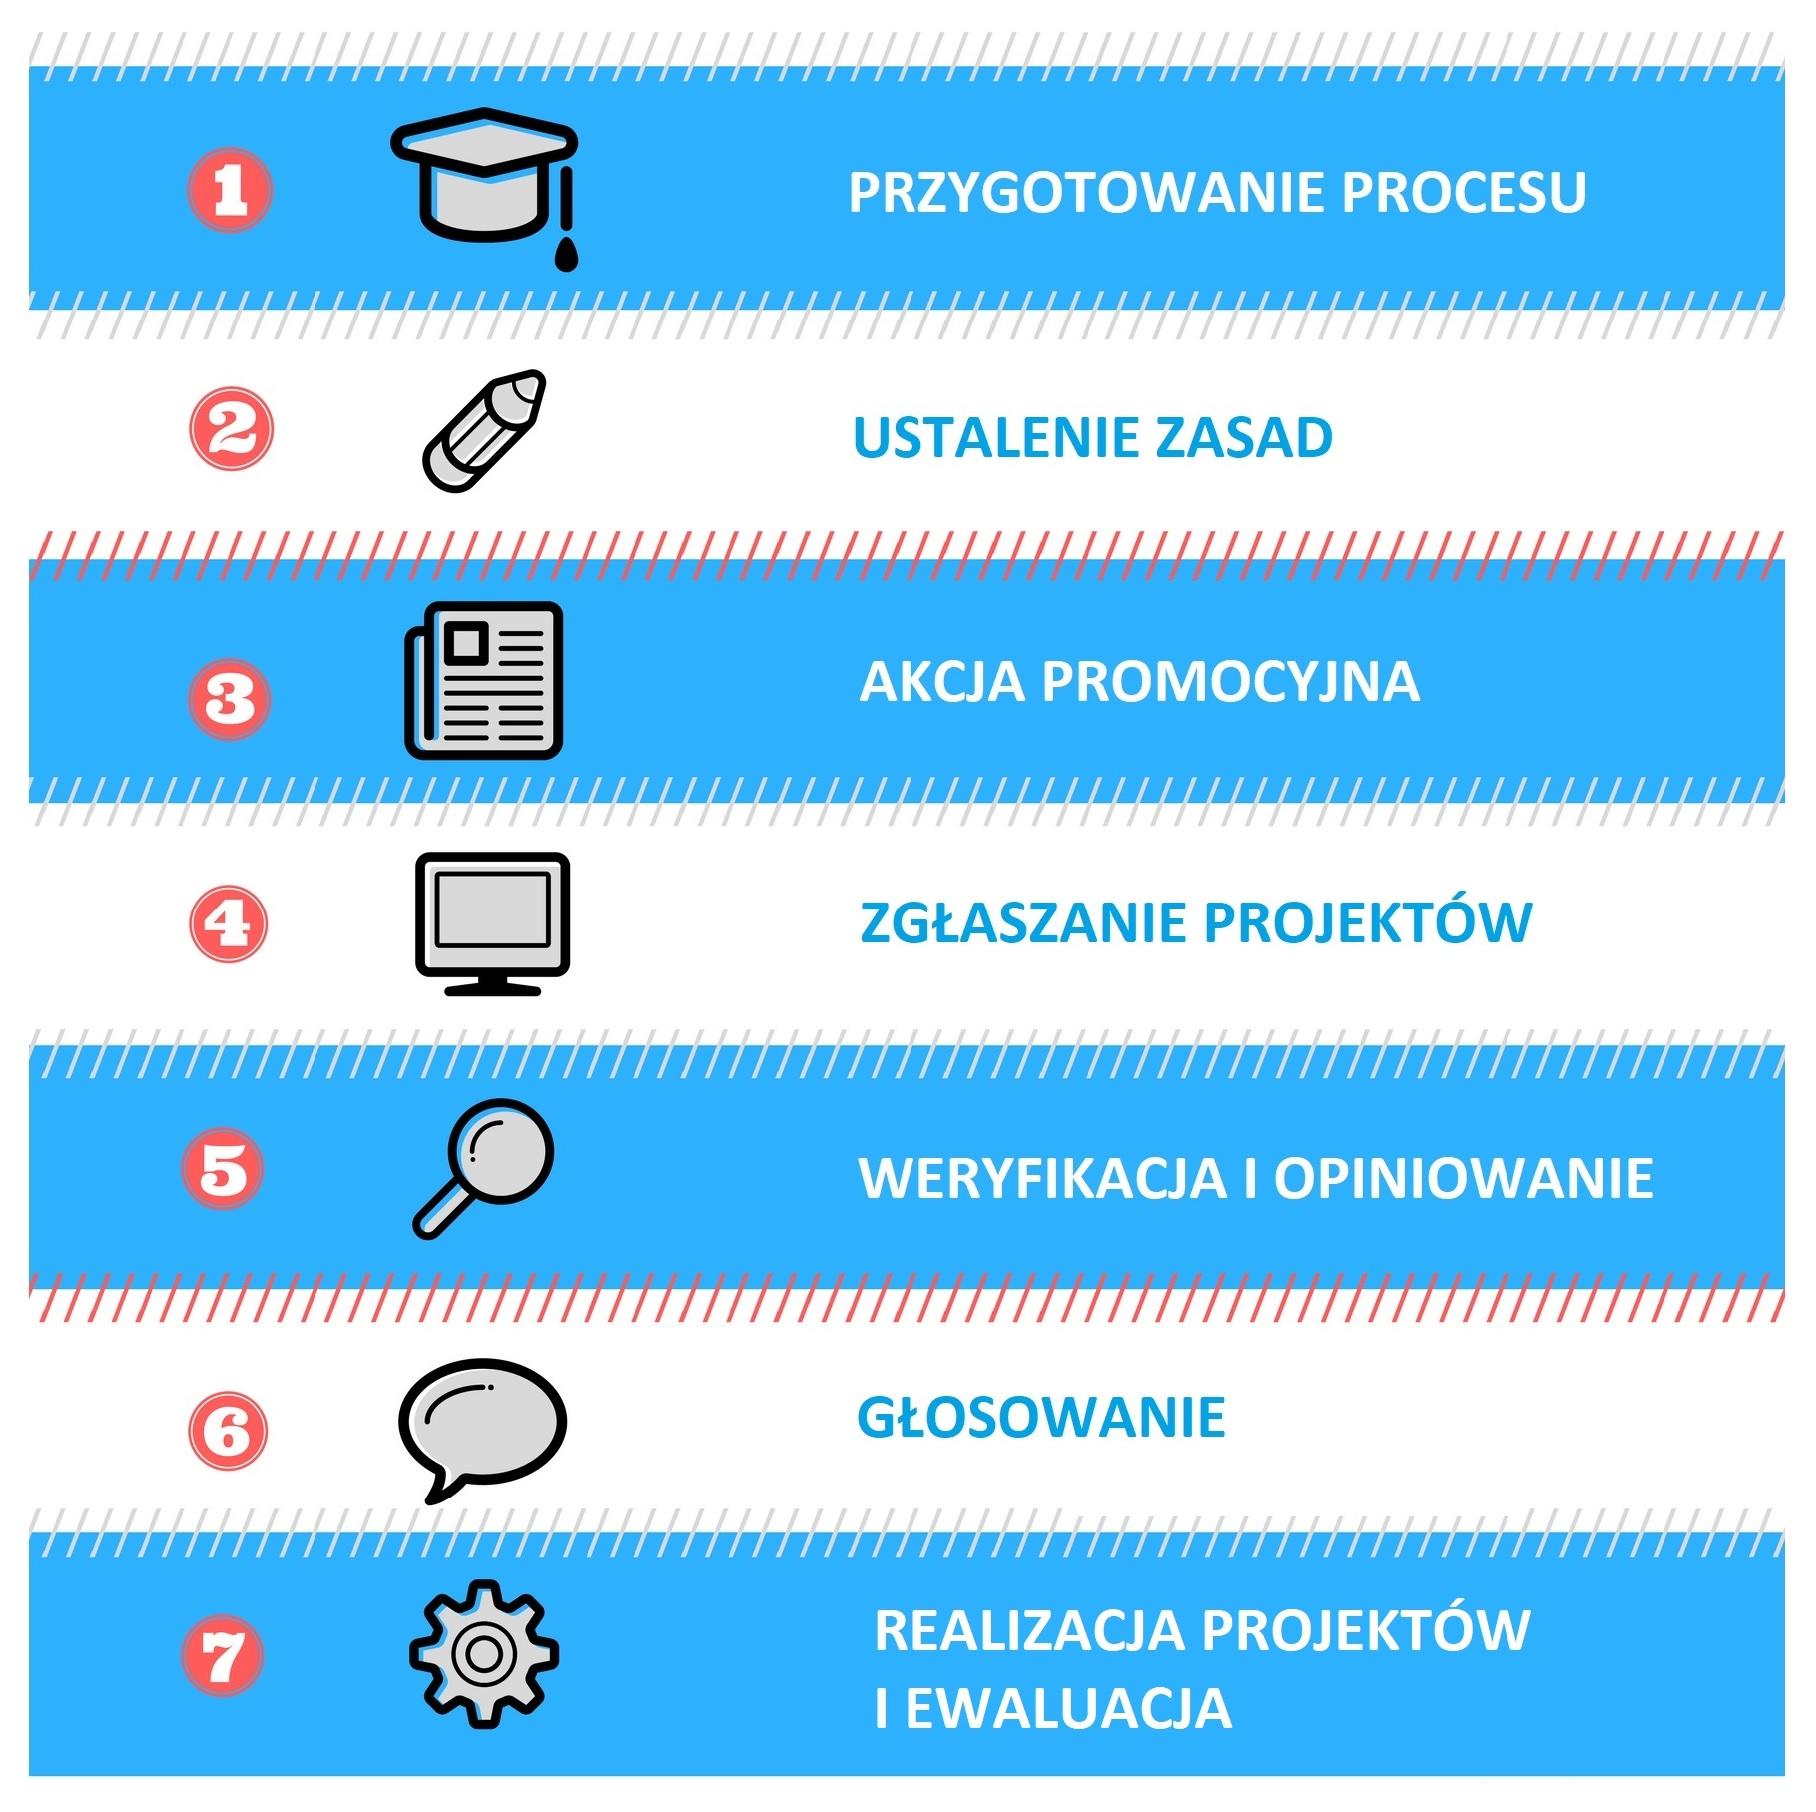 Infografika ukazująca etapy tworzenia budżetu obywatelskiego: przygotowanie procesu, ustalenie zasad, akcja promocyjna, zgłaszanie projektów, weryfikacja i opiniowanie, głosowanie, realizacja i ewaluacja.